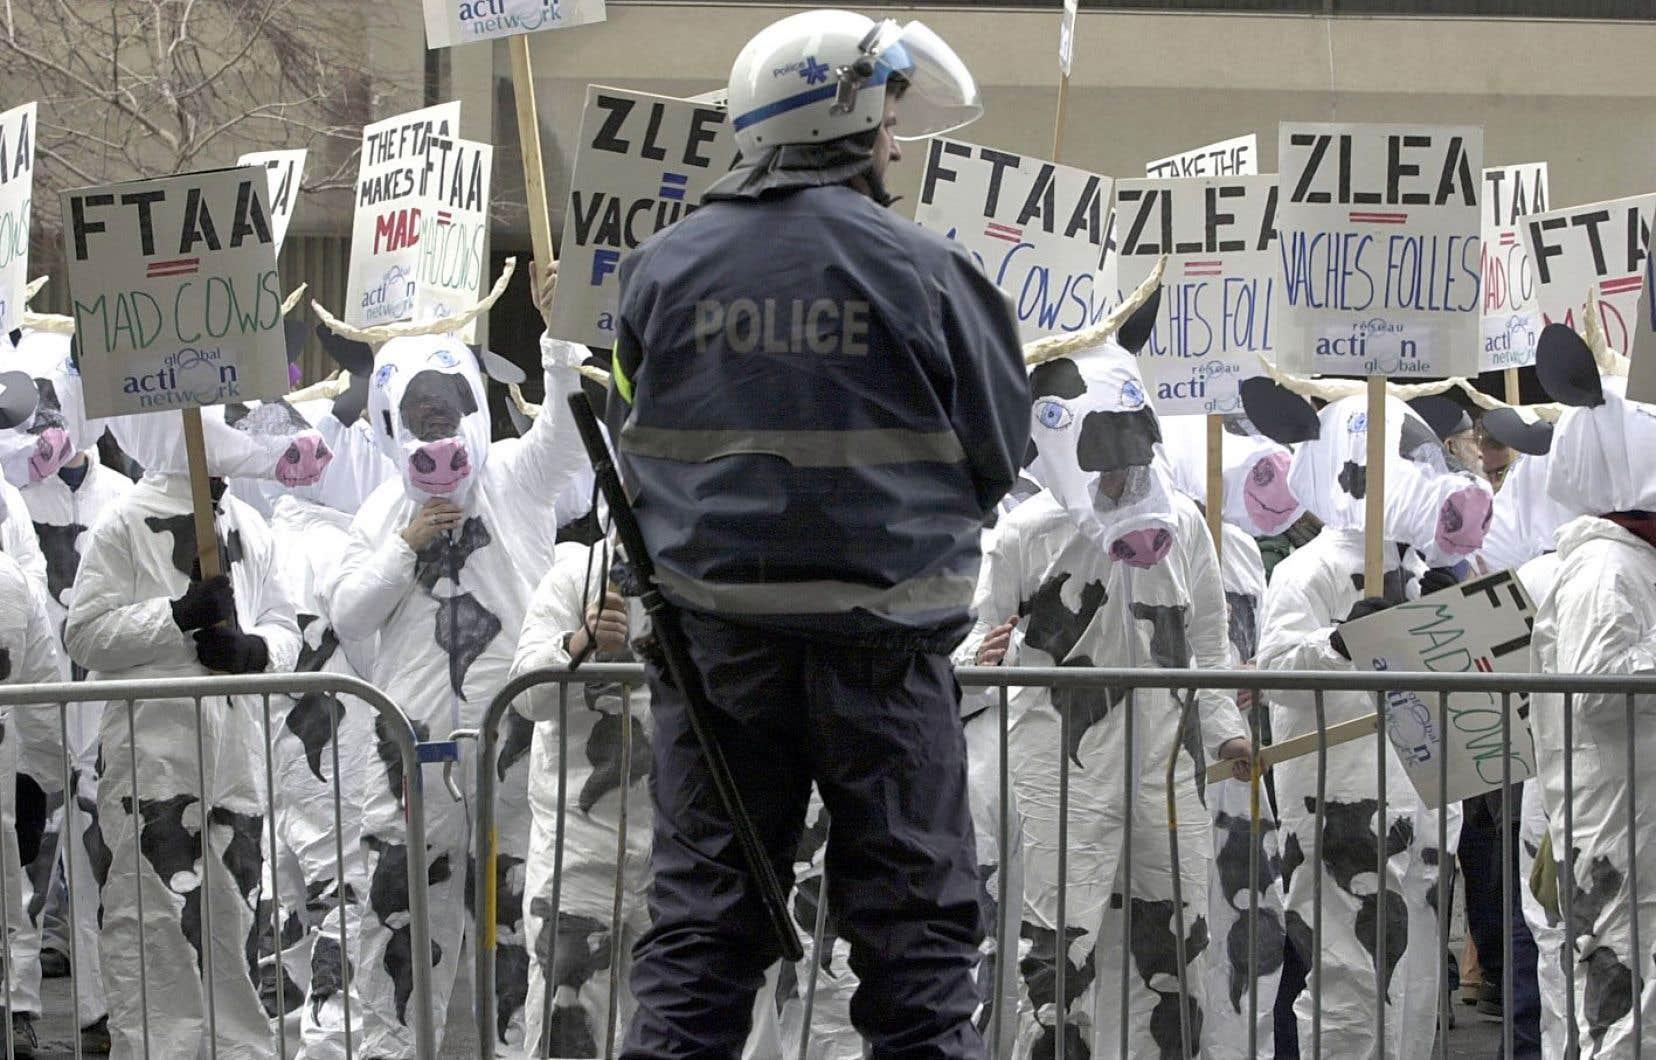 Au cours des années 1990-2000, le mouvement antimondialisation ou altermondialiste avait provoqué un débat public, autour de l'AMI et de la ZLEA par exemple.